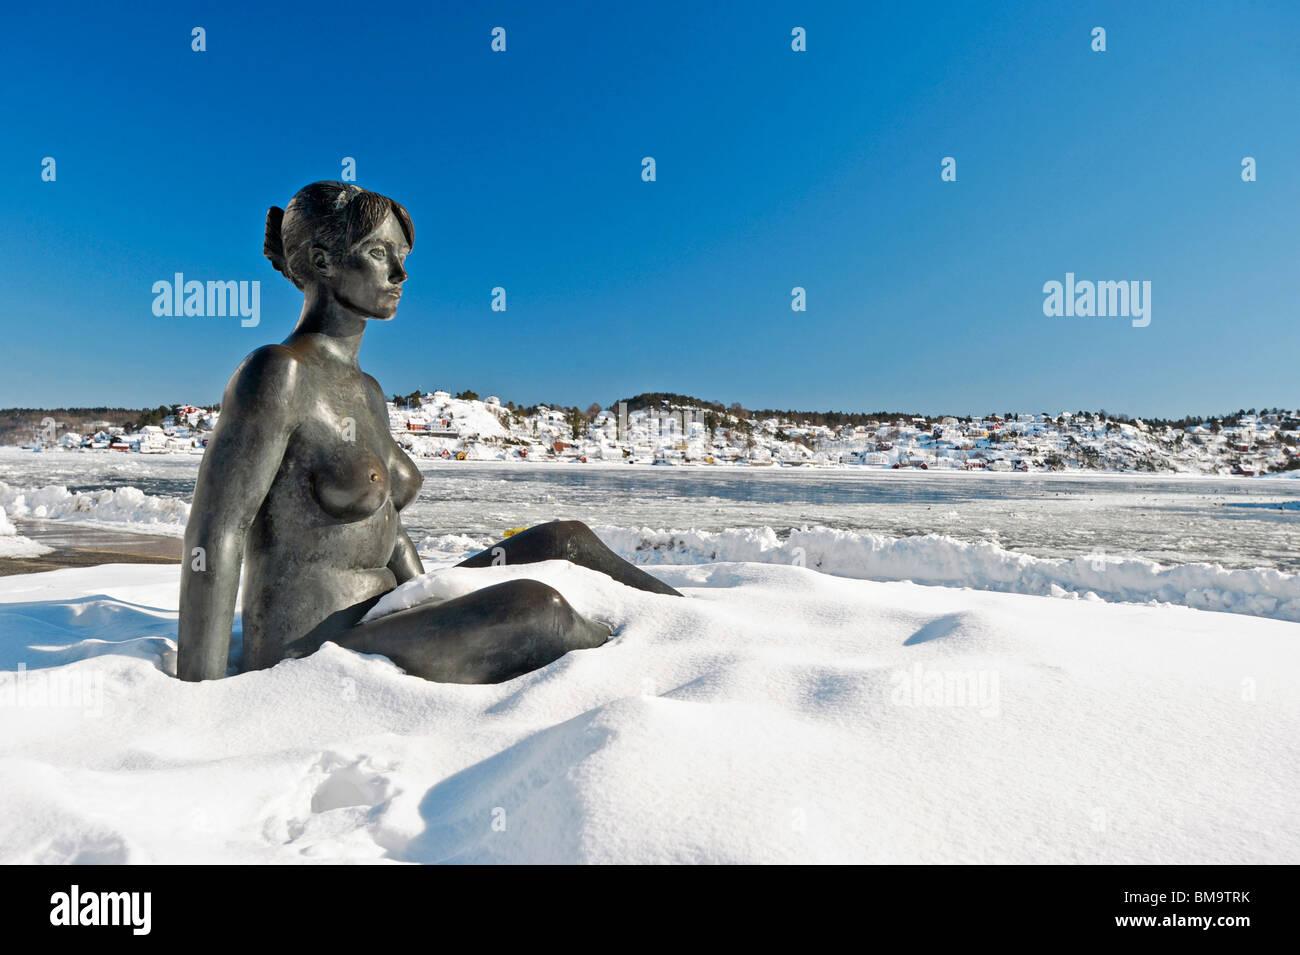 Statue en hiver profonde sur le front de neige à Arendal avec vue sur les eaux gelées du port Photo Stock